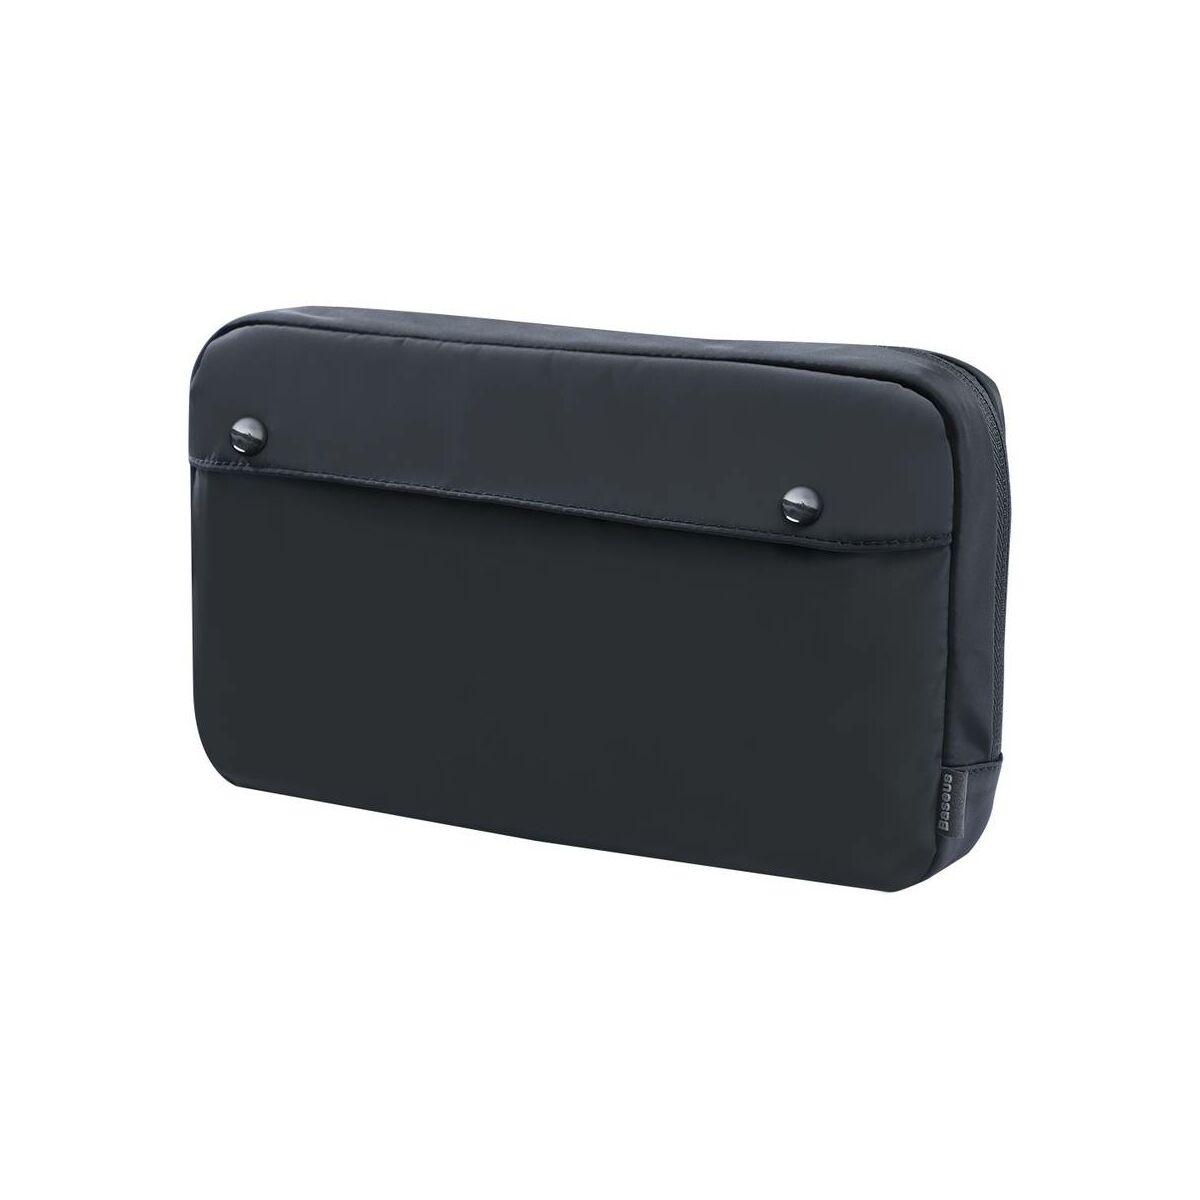 Baseus kézi táska, Basic series, Extra digital tároló, méret L (260 x 60 x 150 mm), szürke (LBJN-C0G)